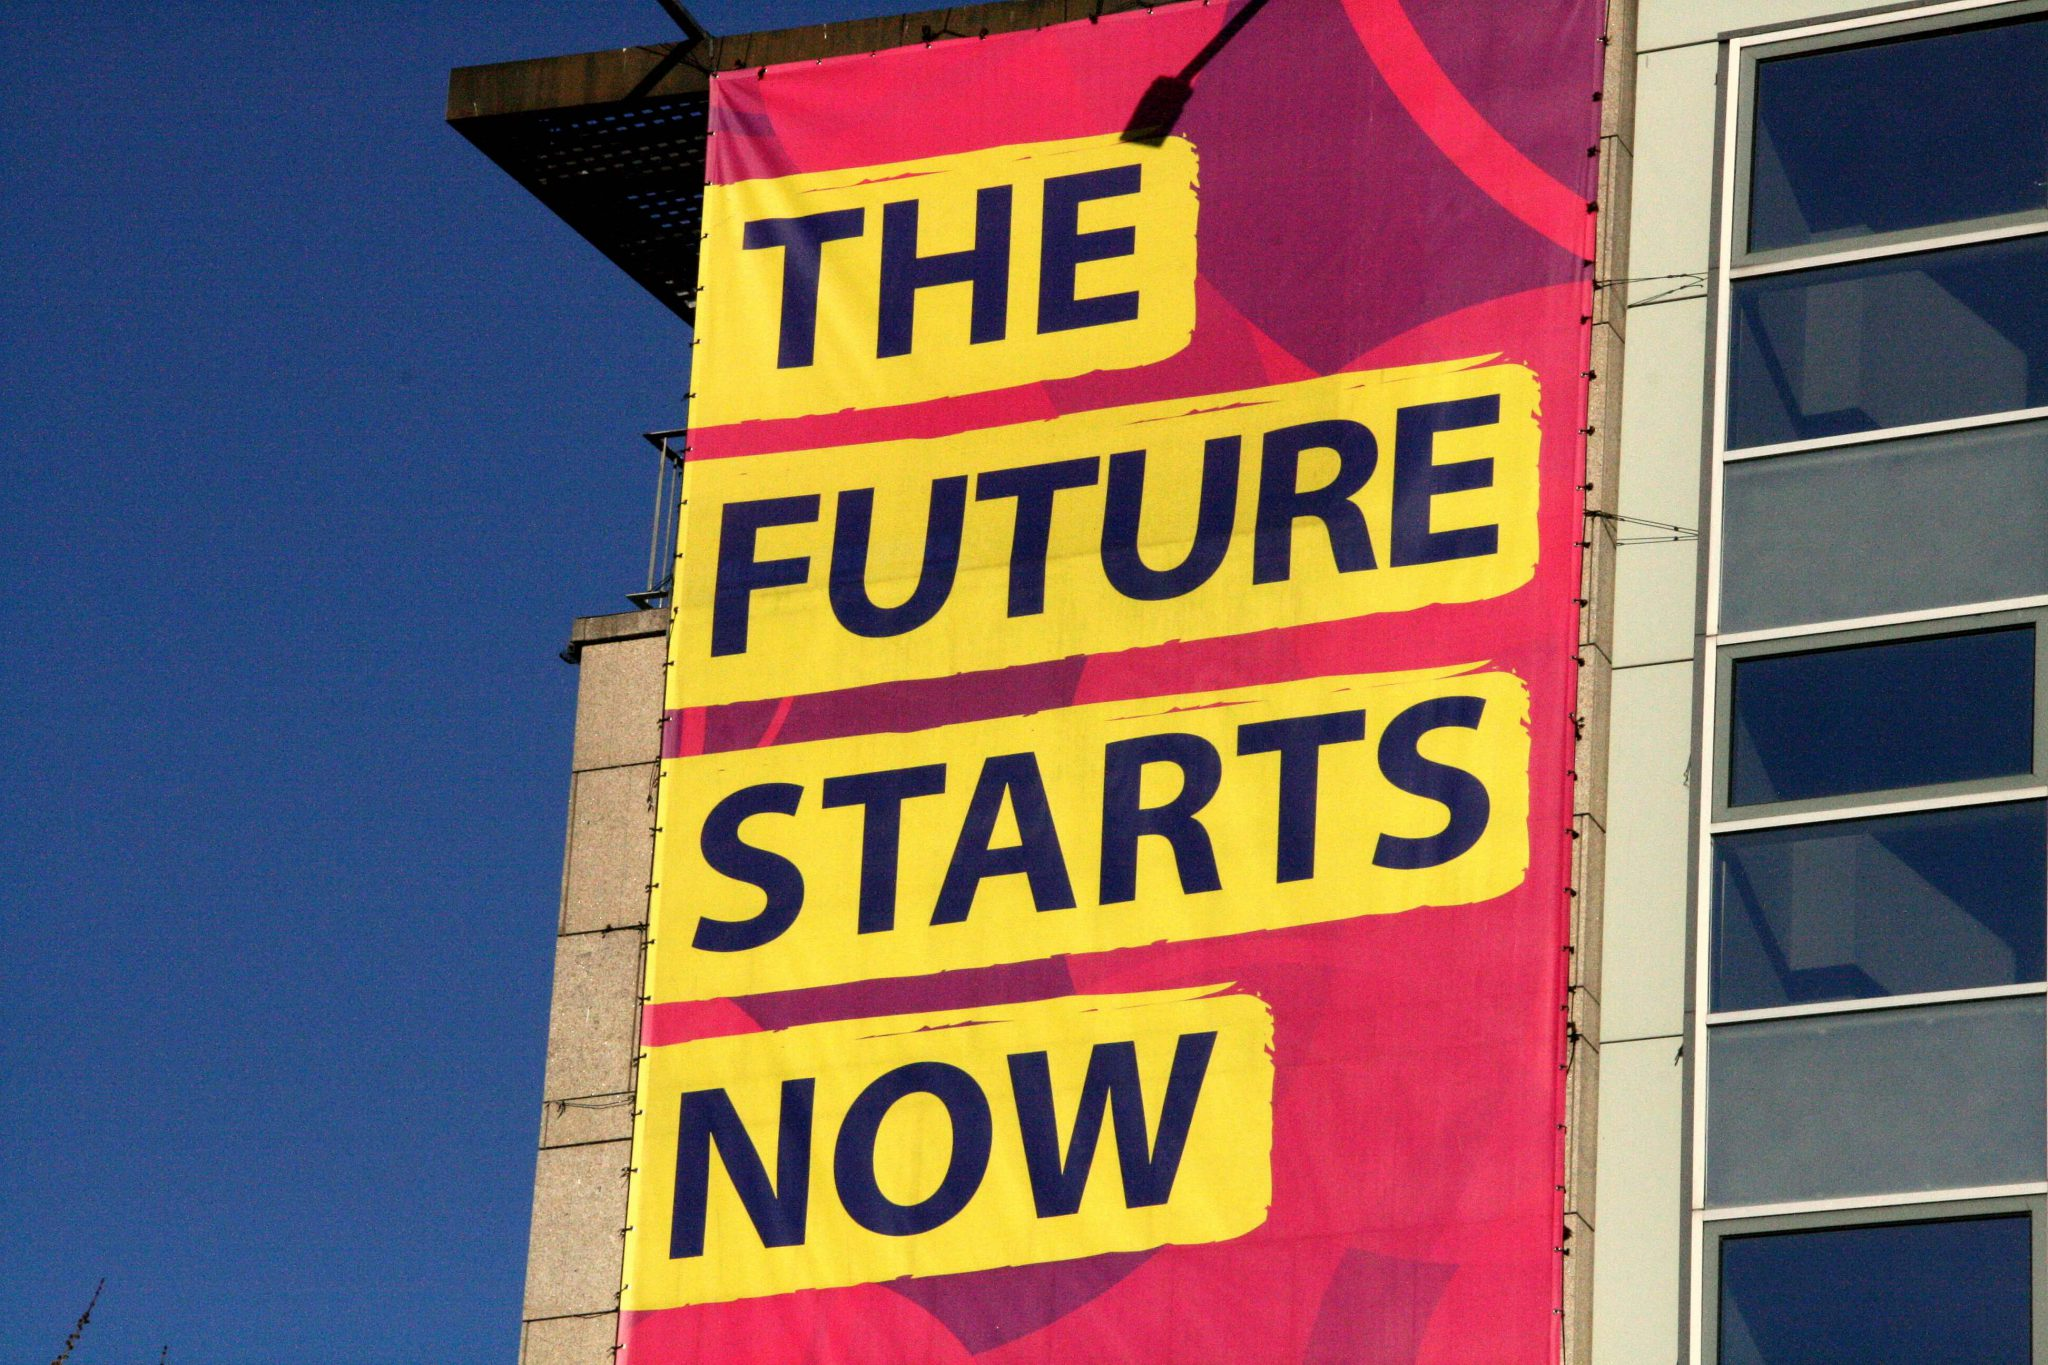 Die Zukunft beginnt jetzt